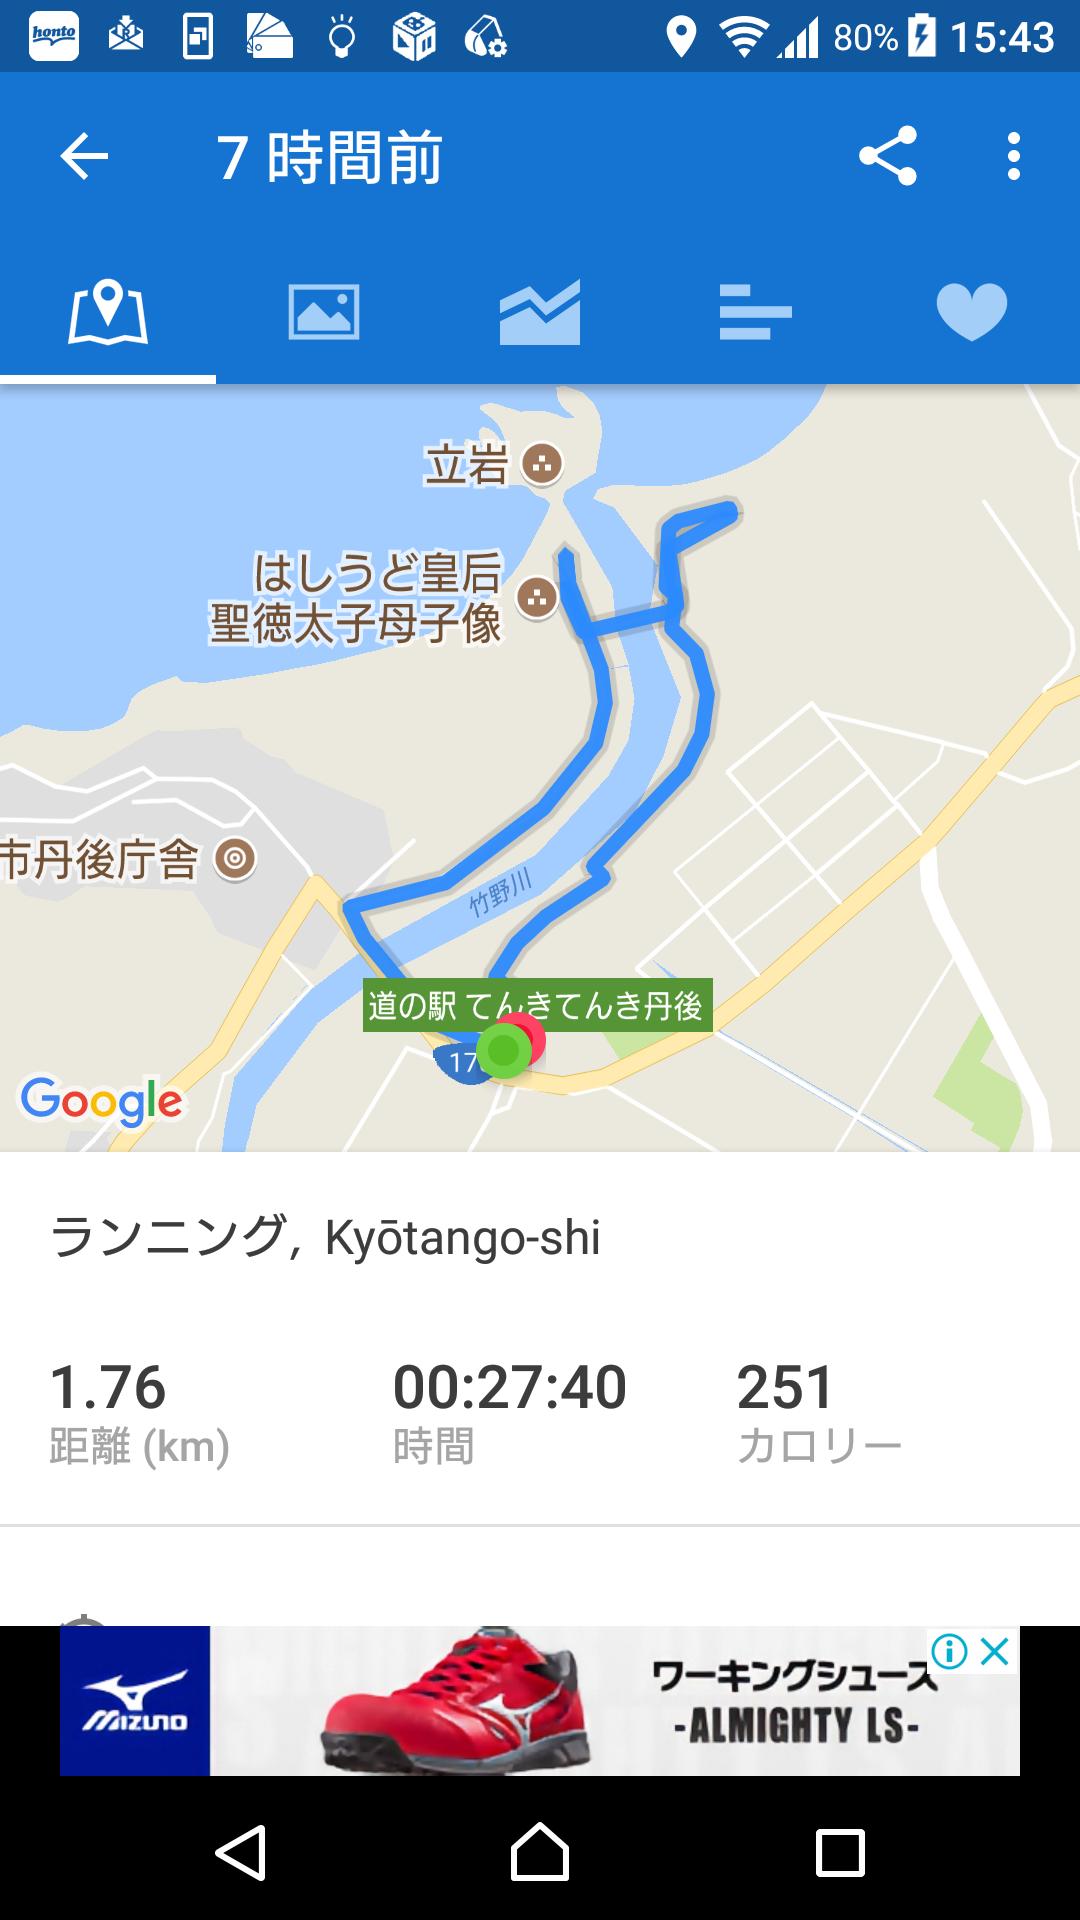 f:id:ynakayama27:20170804171730p:plain